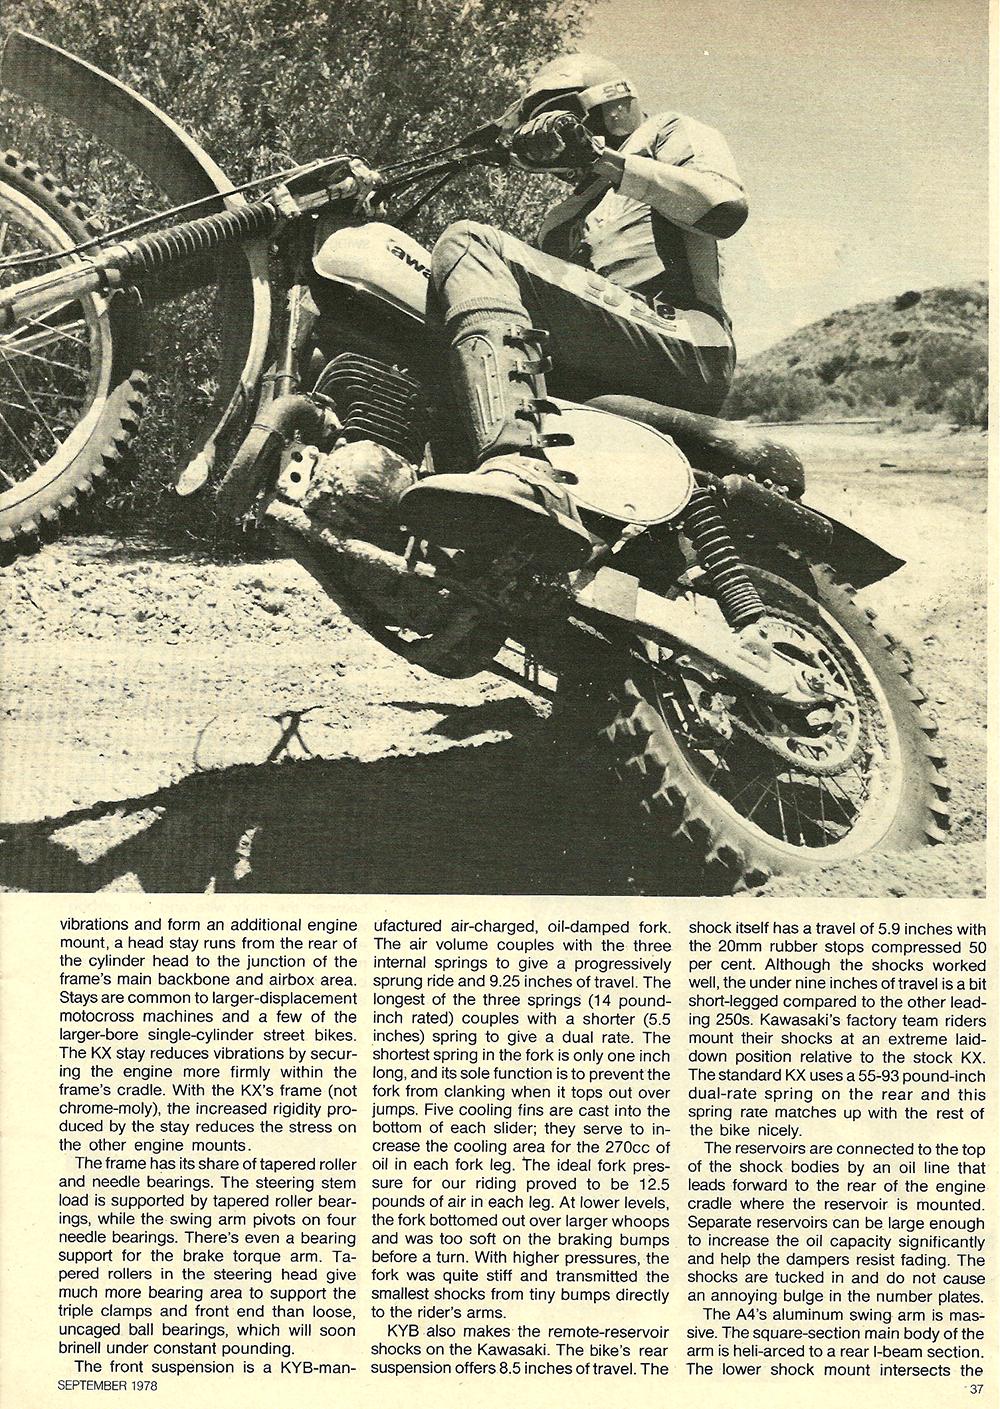 1978 Kawasaki KX250 A4 road test 02.jpg